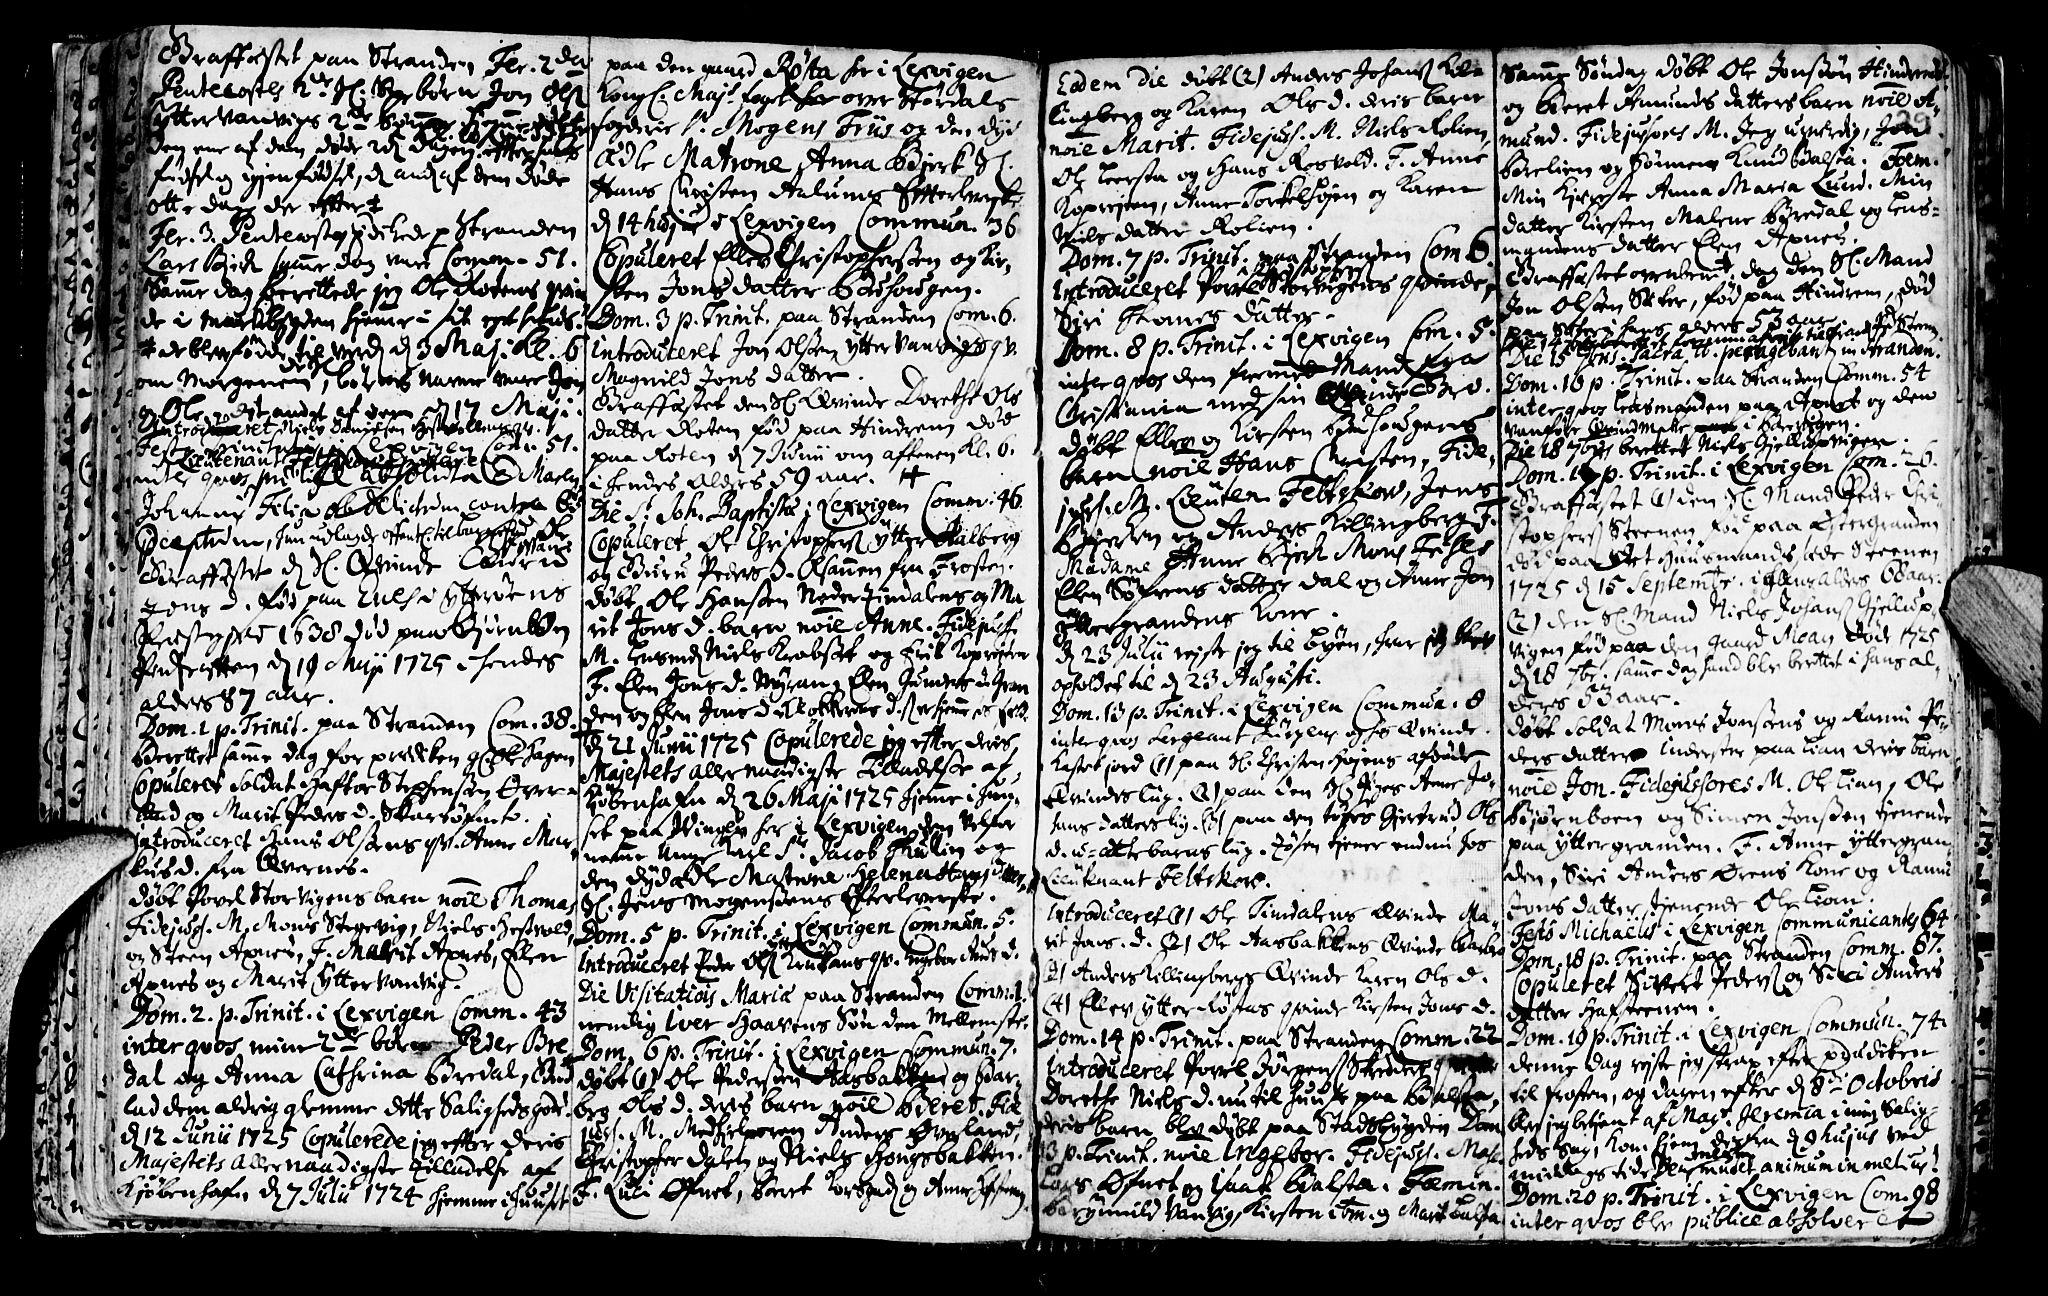 SAT, Ministerialprotokoller, klokkerbøker og fødselsregistre - Nord-Trøndelag, 701/L0001: Ministerialbok nr. 701A01, 1717-1731, s. 29